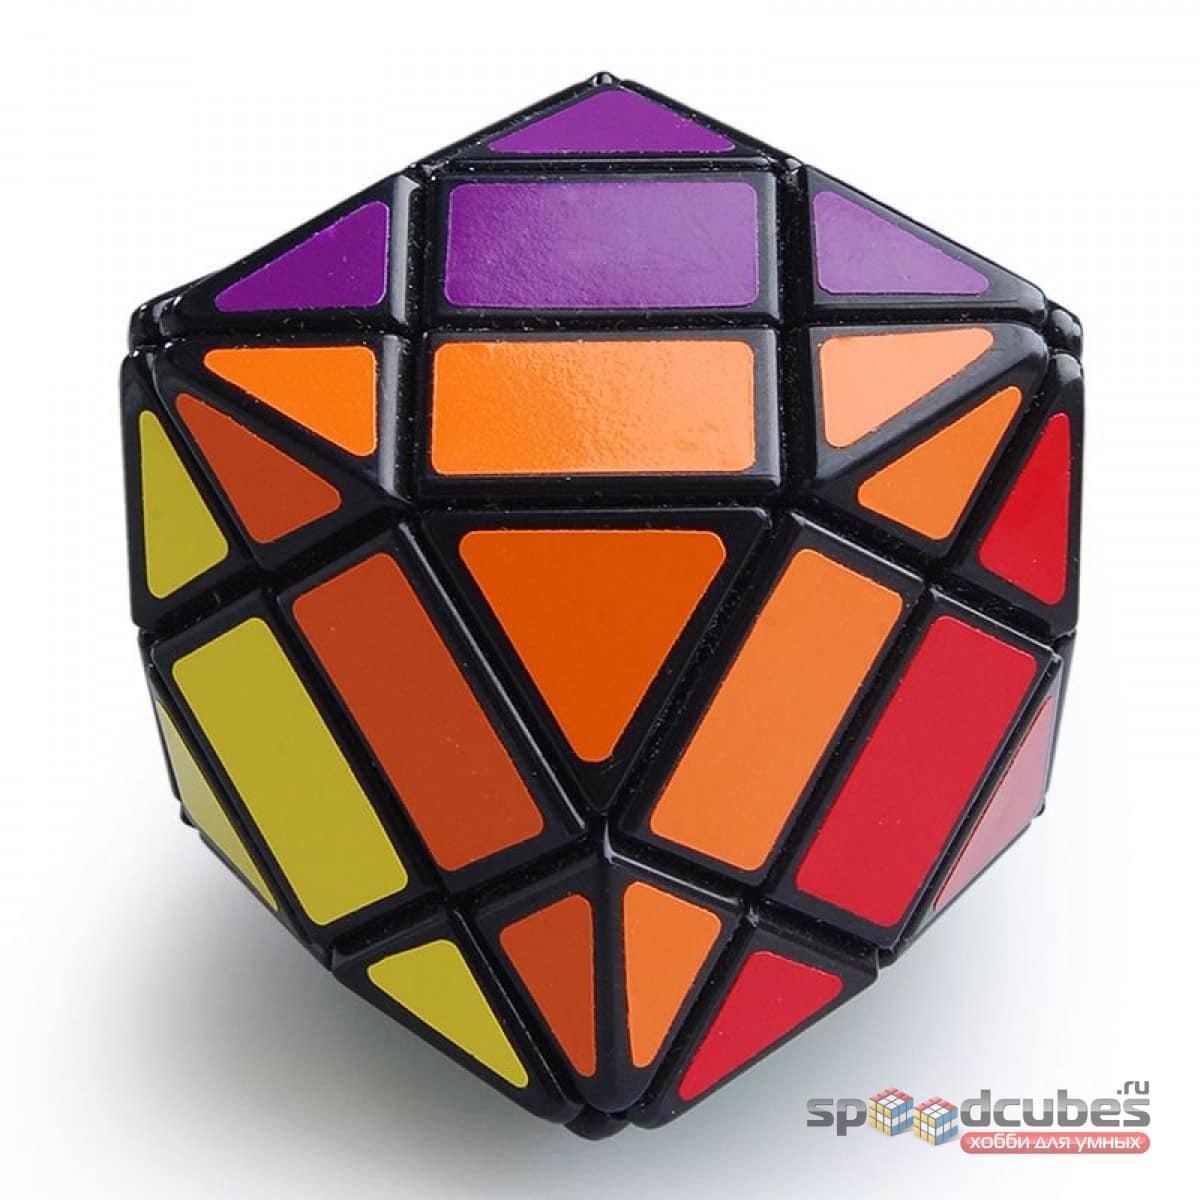 Lanlan Rhombic Dodecahedron 2